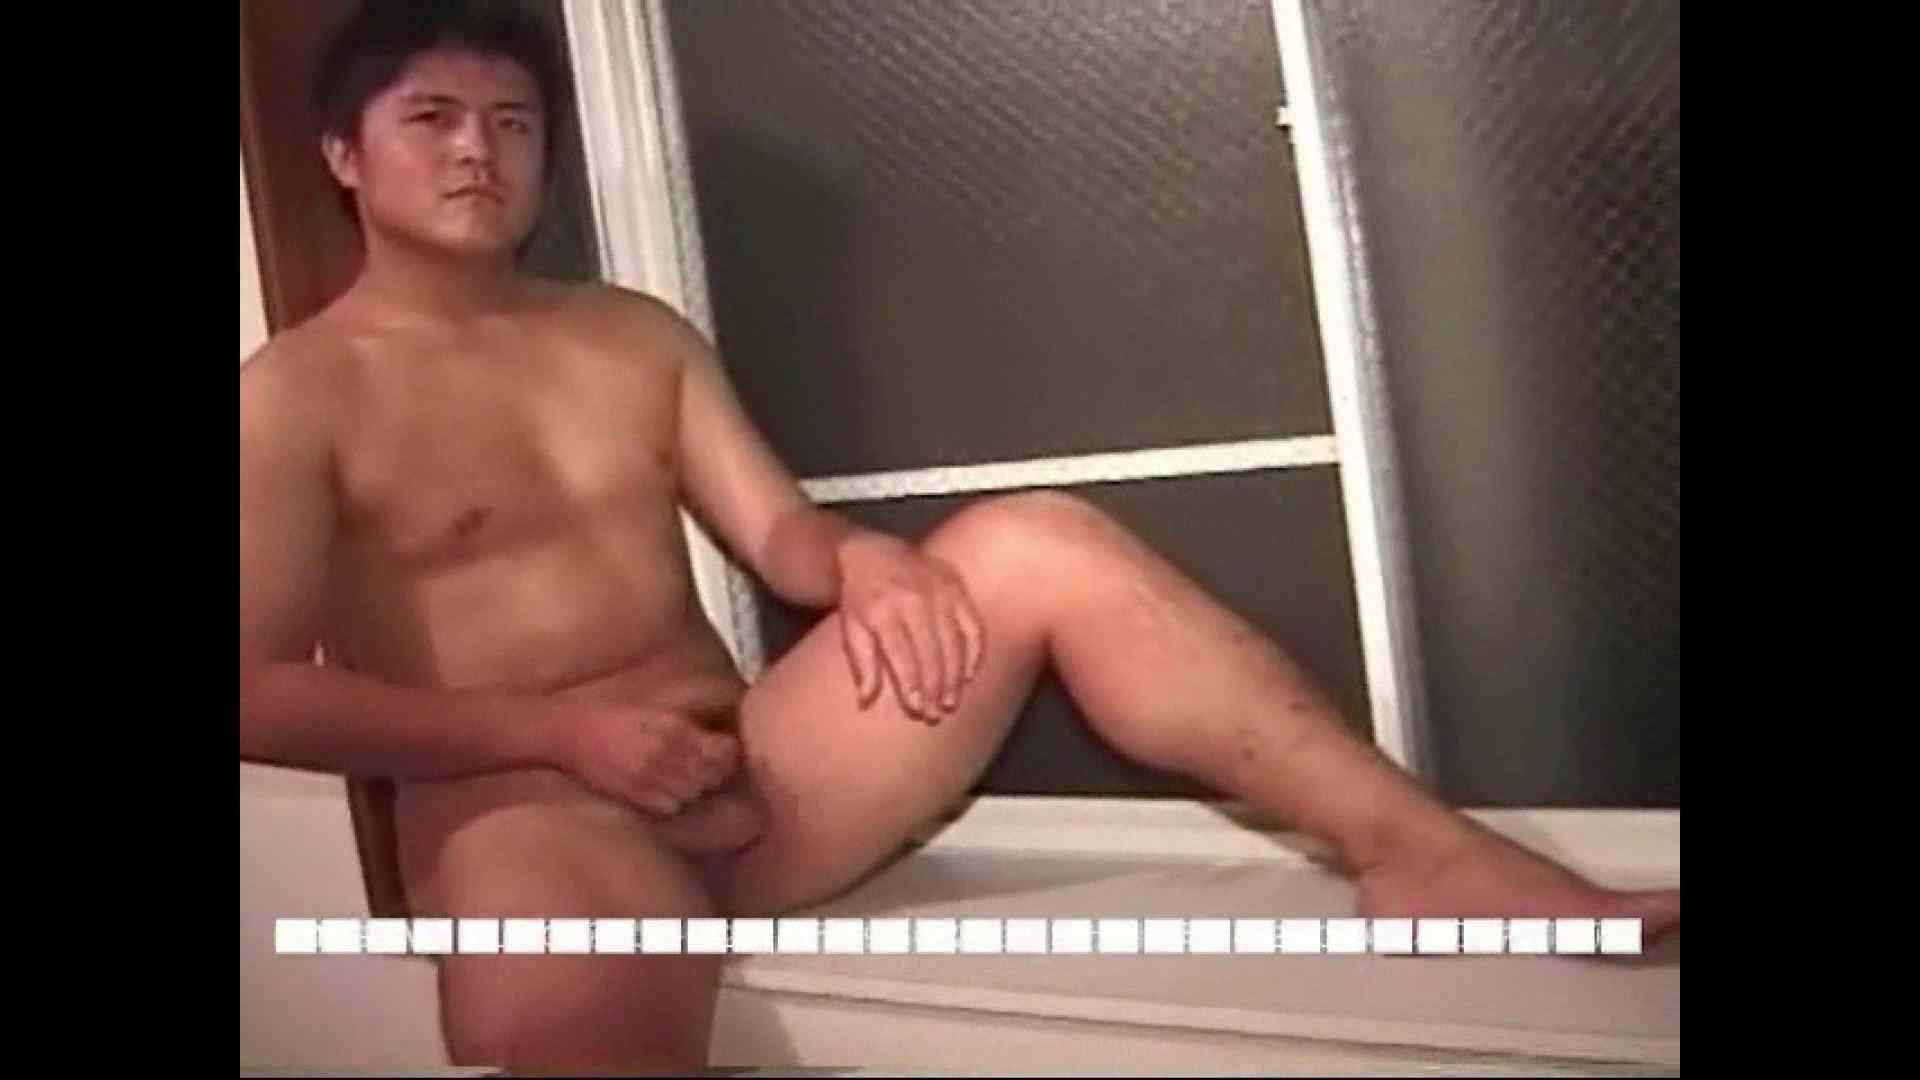 無修正セックス盗撮:オナれ!集まれ!イケてるメンズ達!!File.07:フェチ